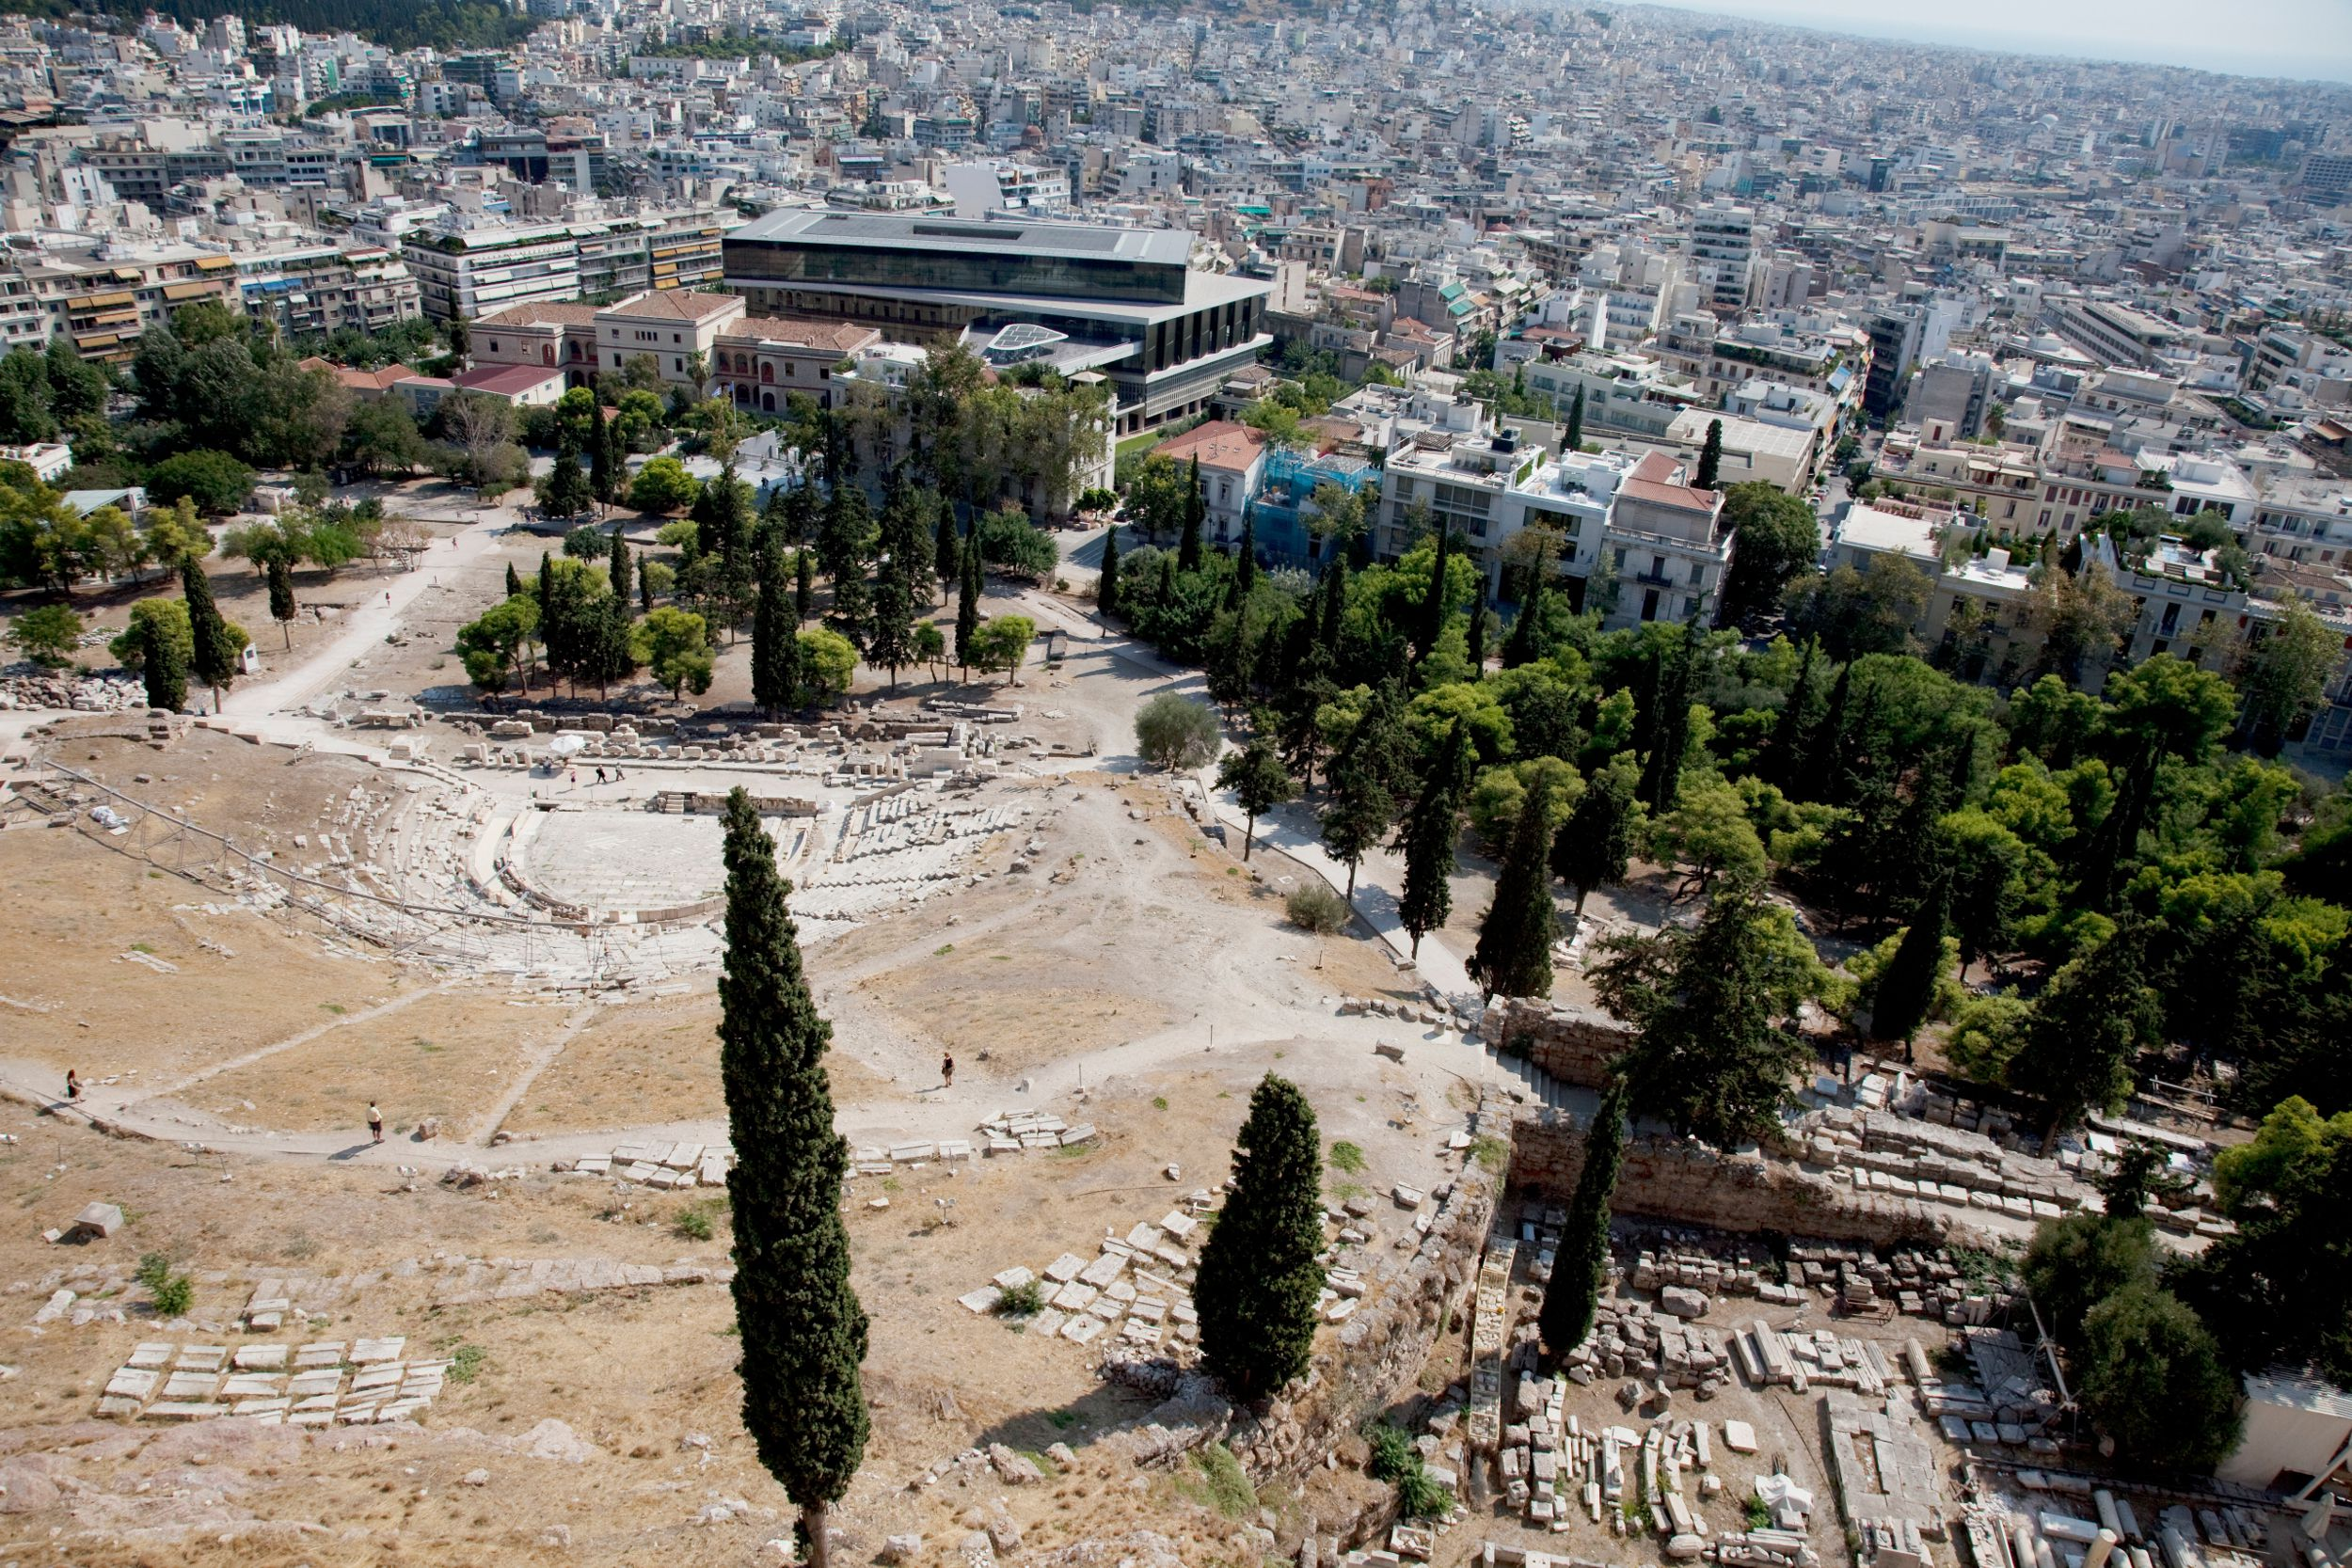 Vista del Teatro de Dionisio es un gran teatro al aire libre y uno de los primeros conservados en Atenas. Fue utilizado para festivales en honor del dios Dioniso, construido en 534 a. C.